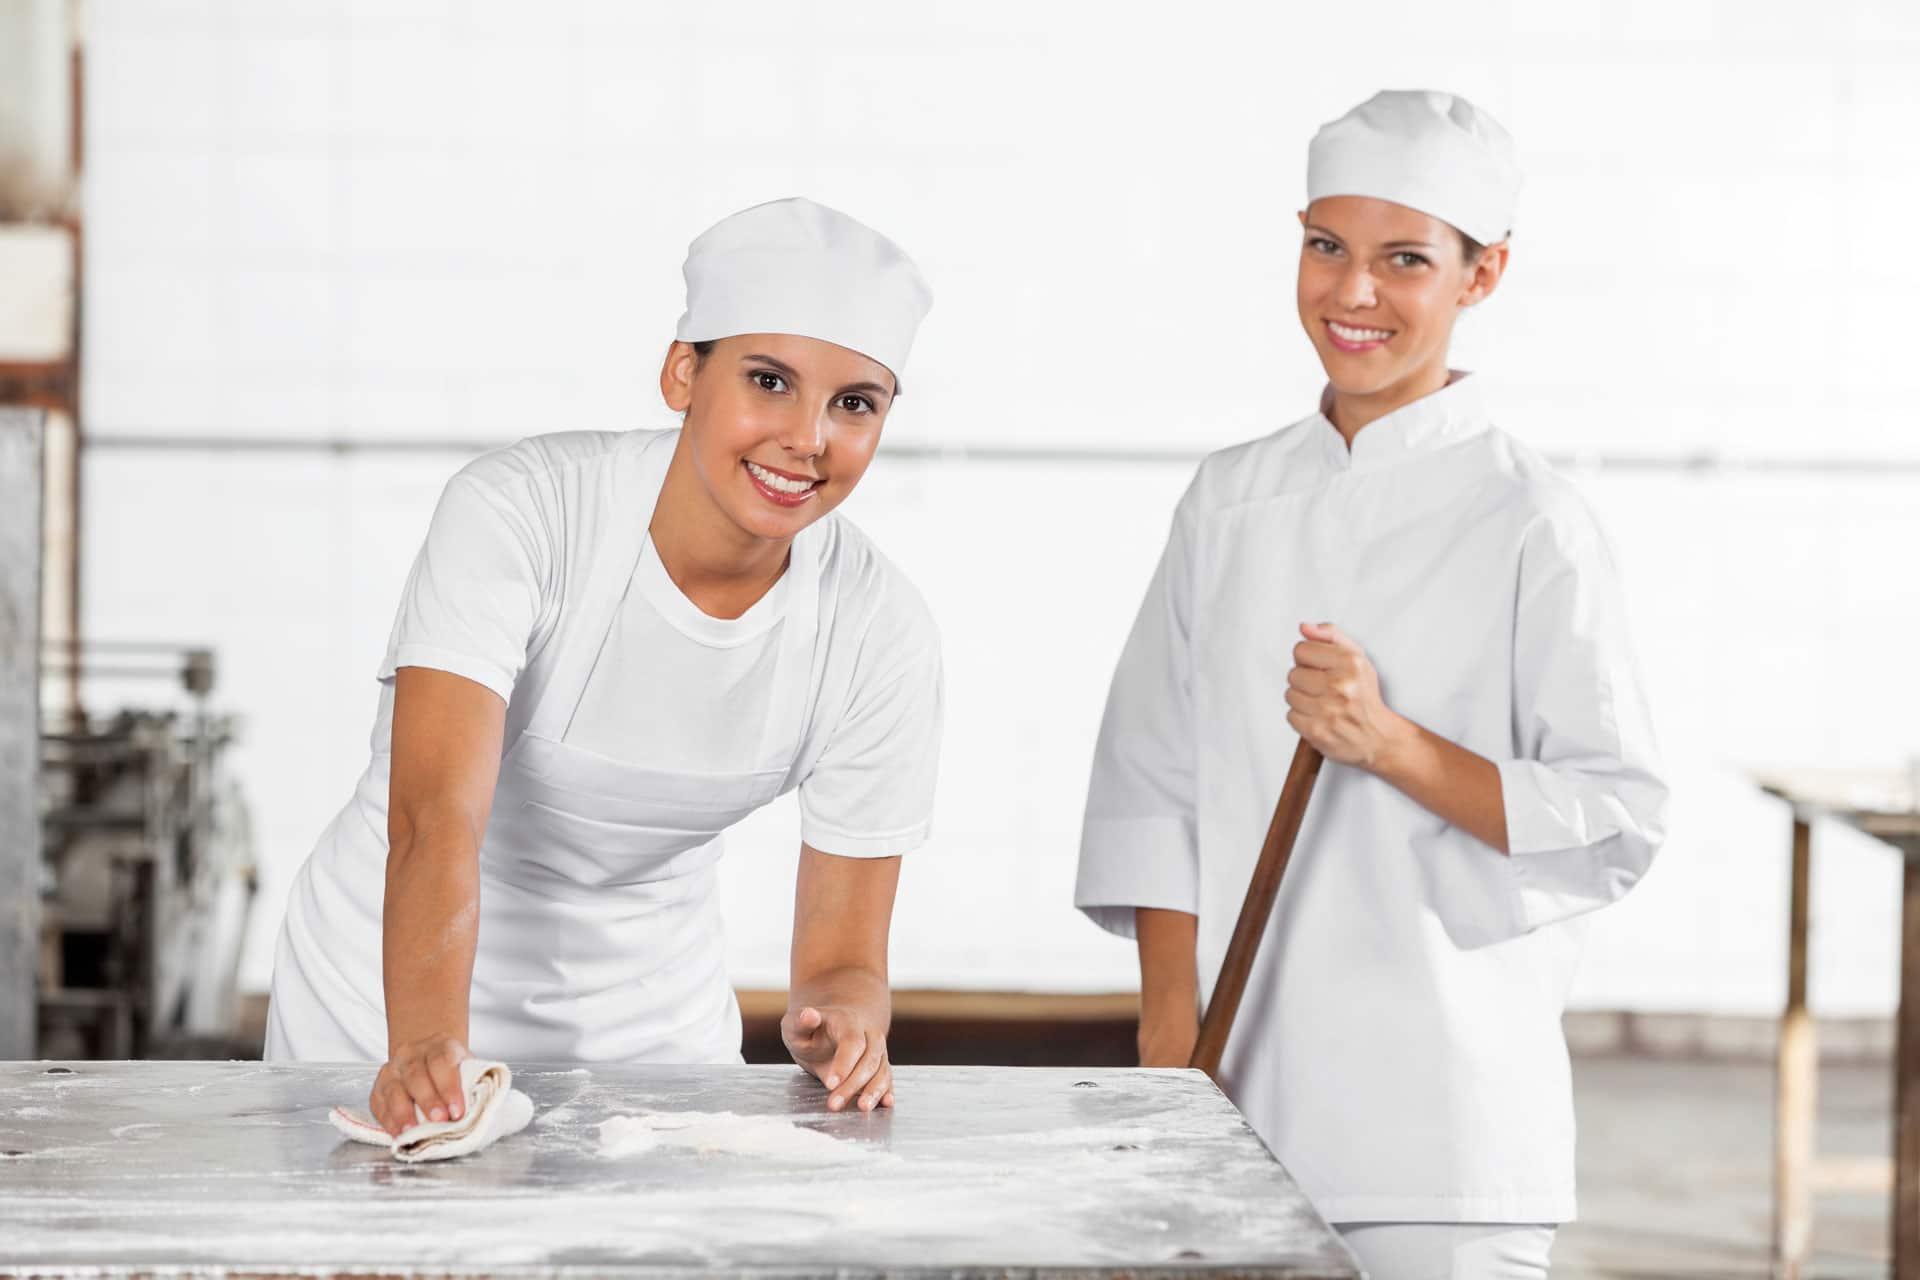 Professionelle Fettbeseitigungen | Reinigung gewerblicher Dunstabzugsanlagen